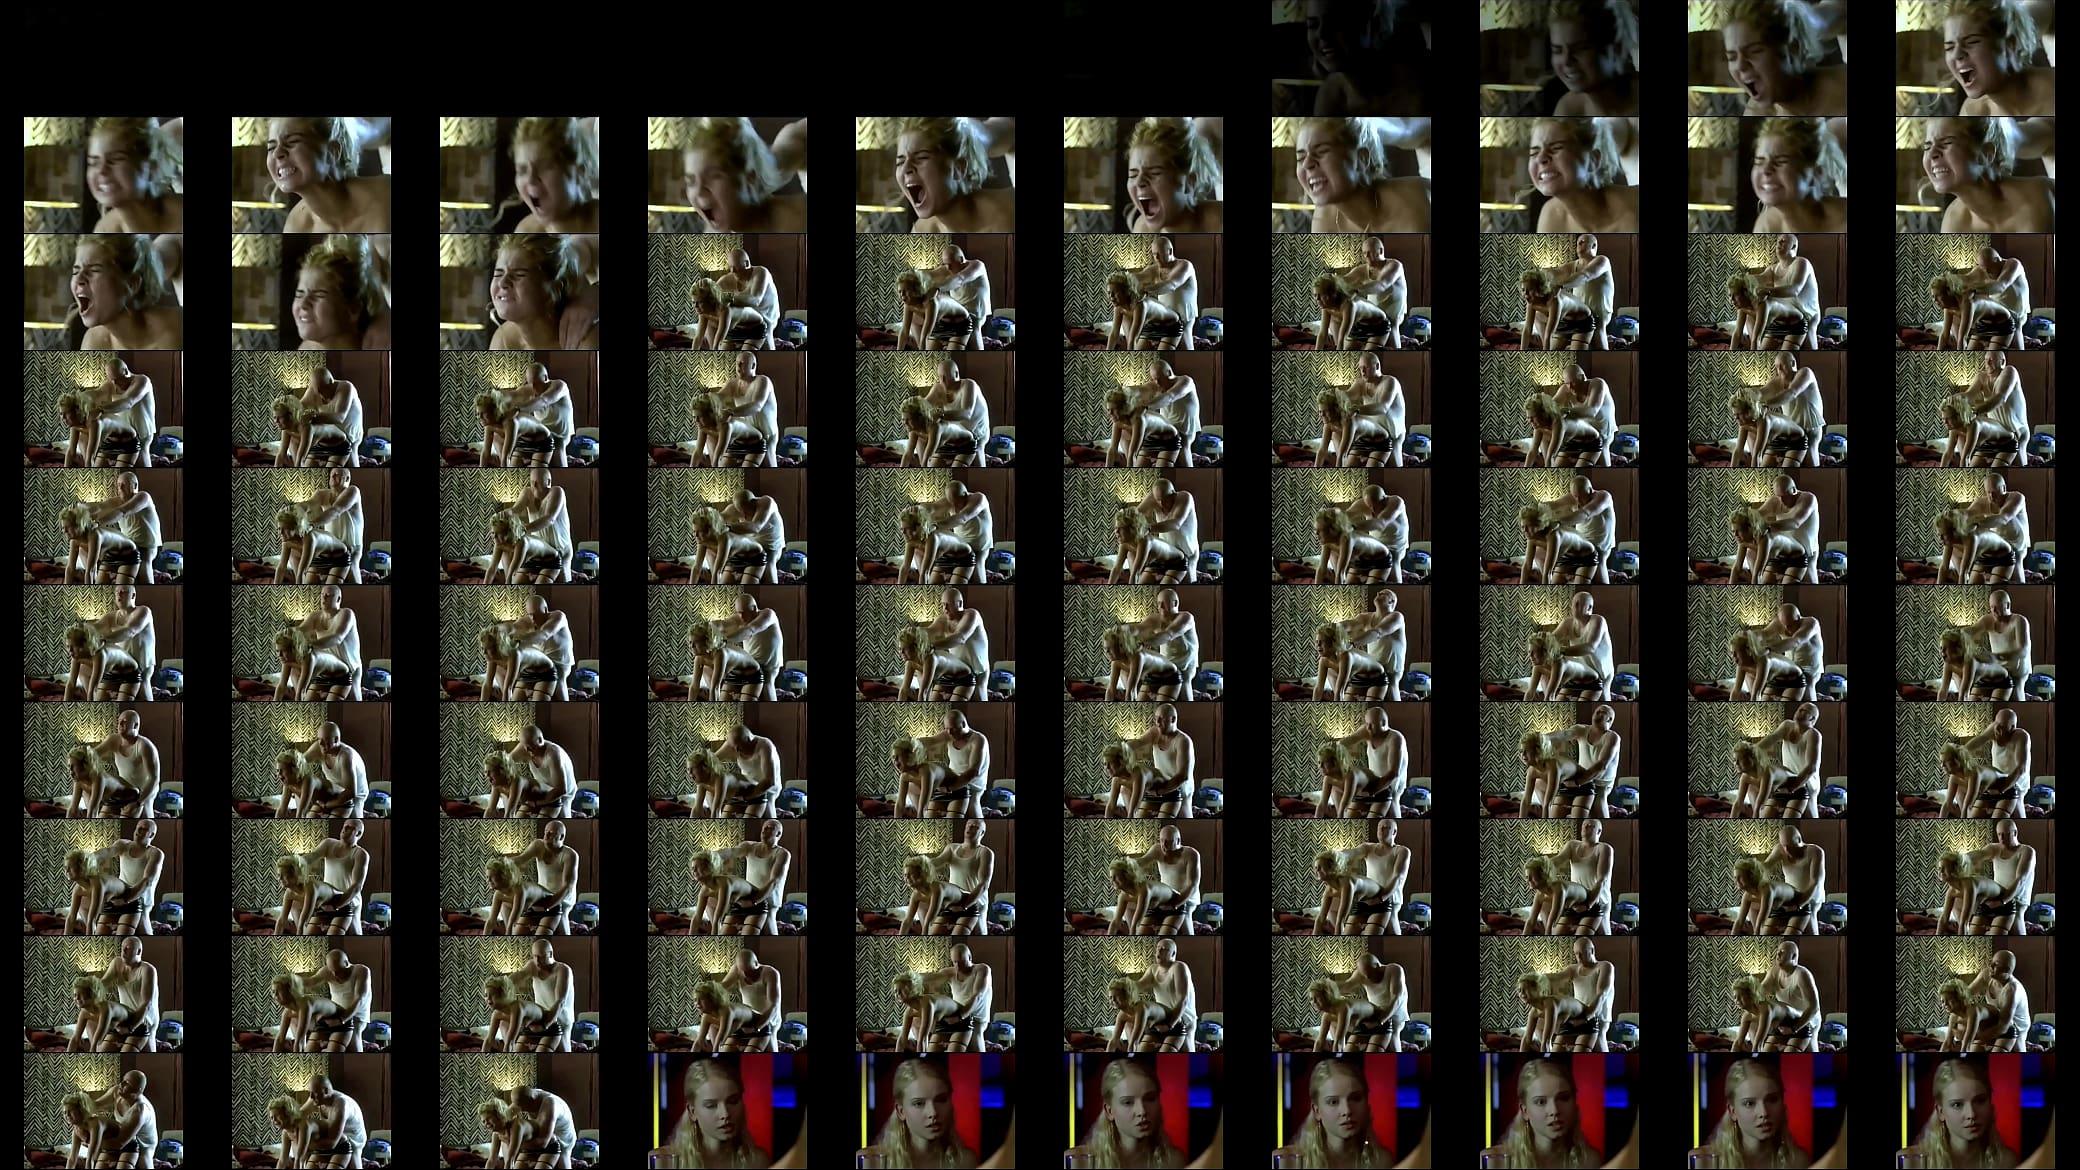 New xnxx videos full HD